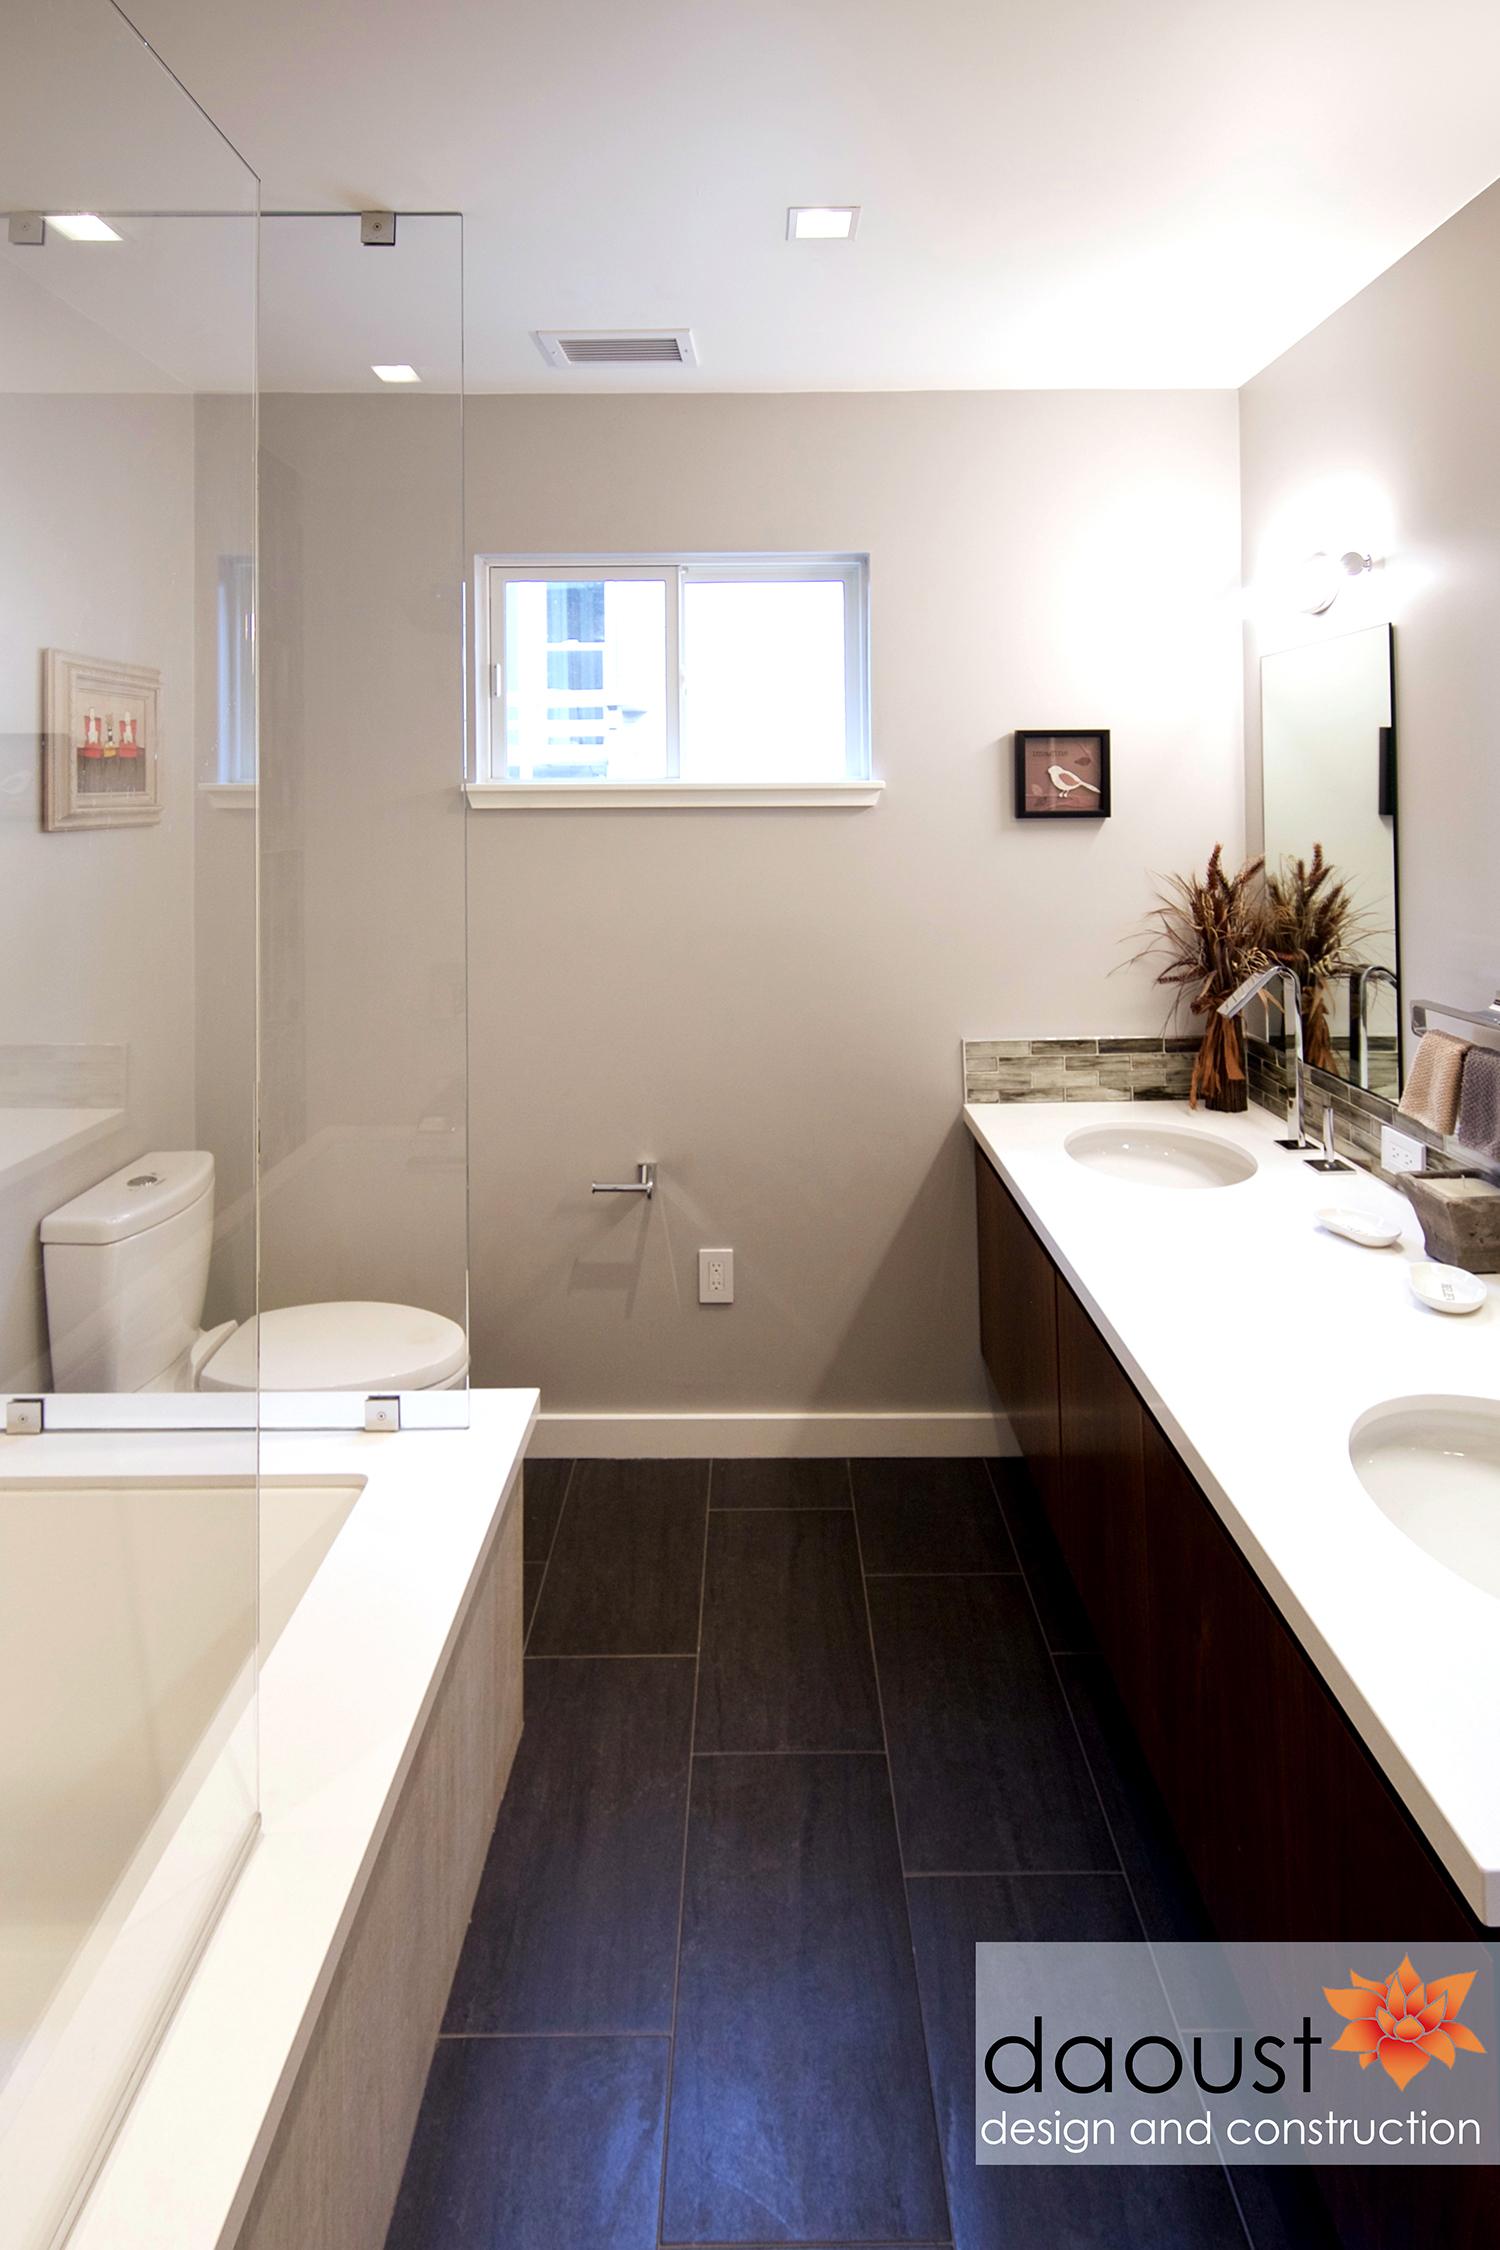 Daoust Bathroom Galley .jpg